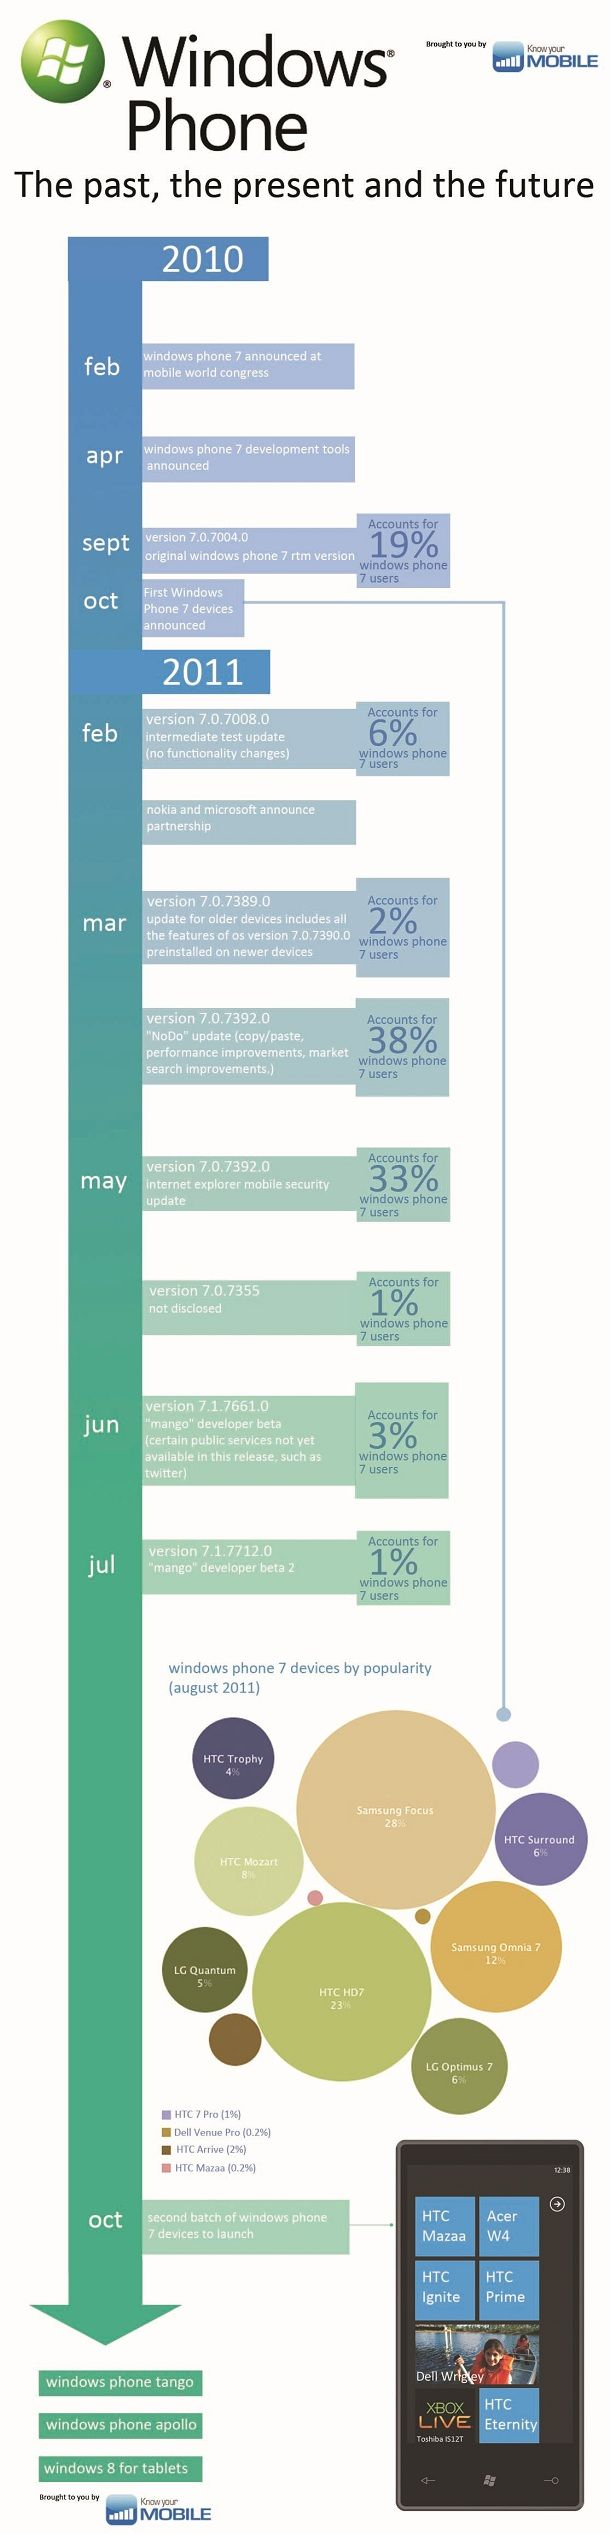 Infografía sobre la historia de Windows Phone